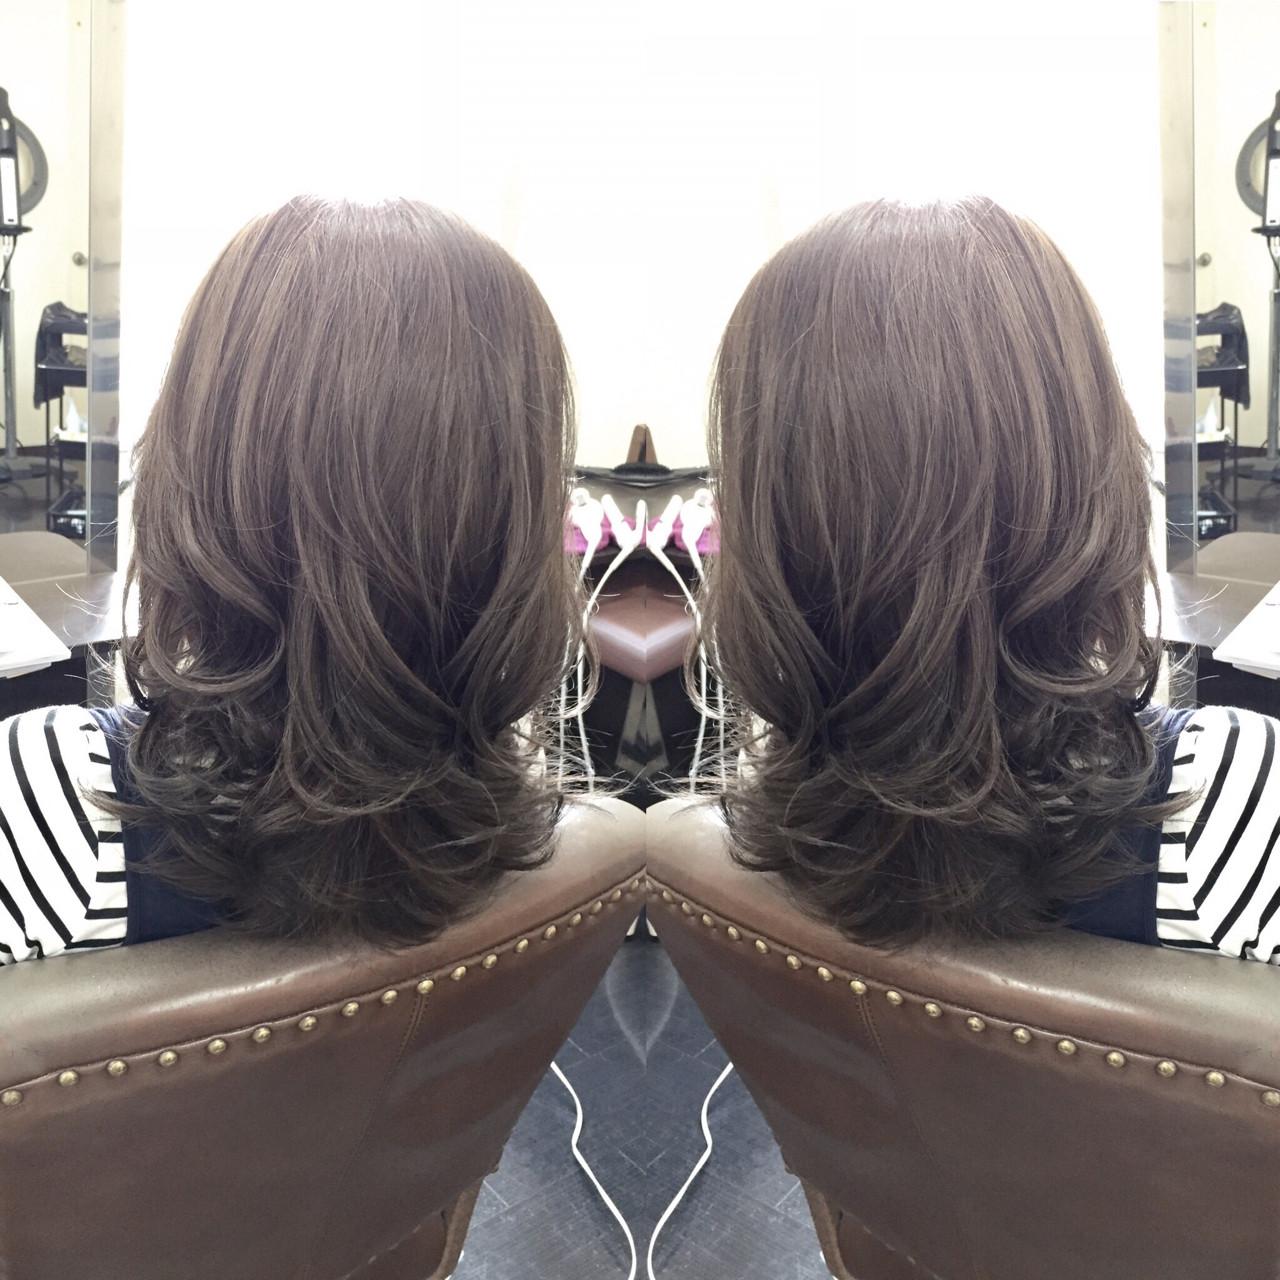 外国人風 グレージュ ミディアム アッシュヘアスタイルや髪型の写真・画像